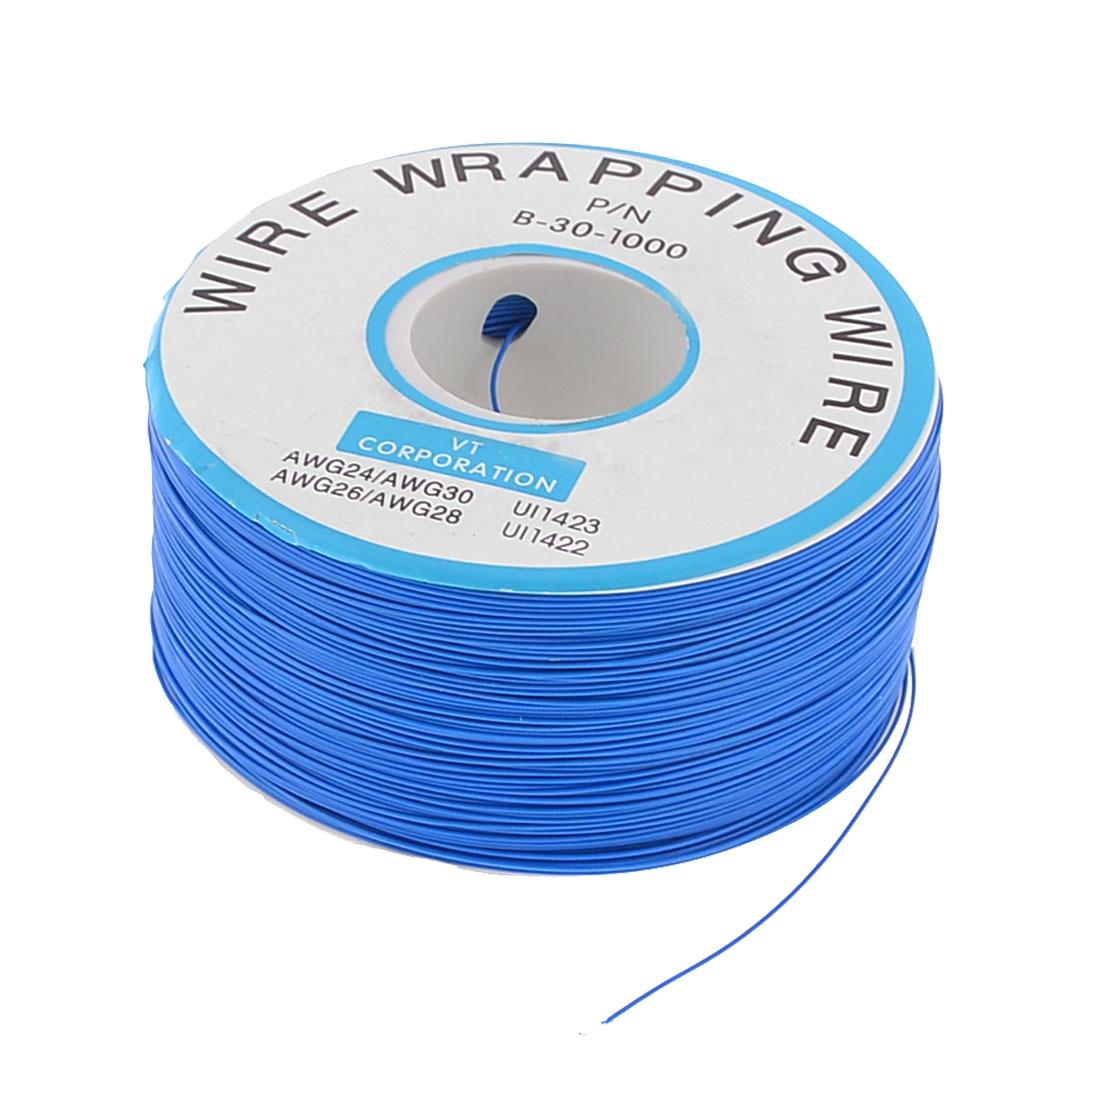 PCB Copper Core Jumper Cable Wire Single Conductor Coil 820.2 Ft Blue